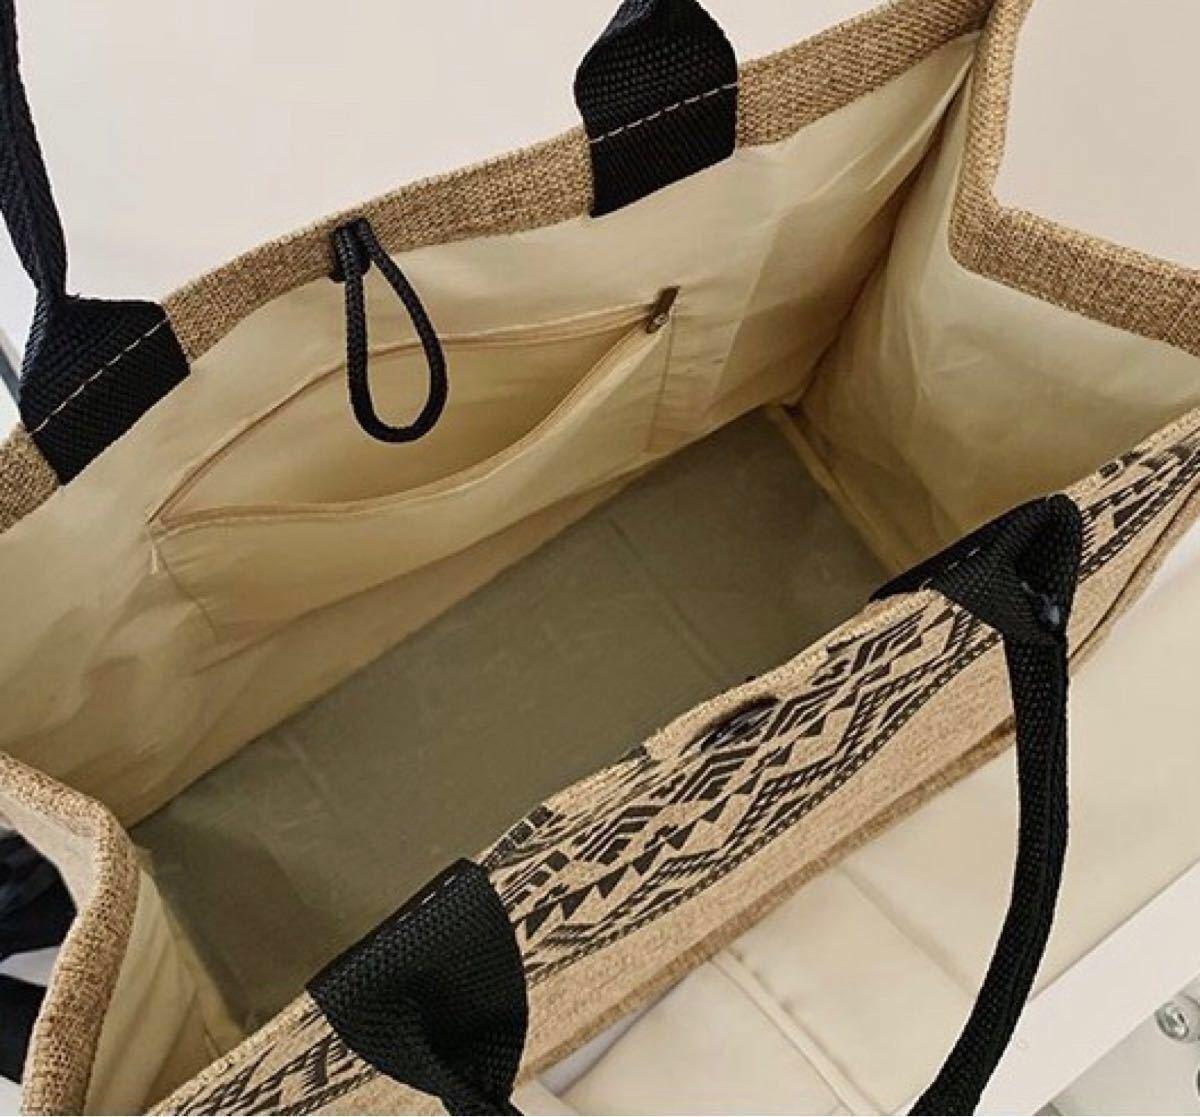 トートバッグ ジュート 軽量 大容量 マチ A4 オシャレ 夏 麻 リネン エコバッグ マザーズバッグ ナチュラル 通勤 通学